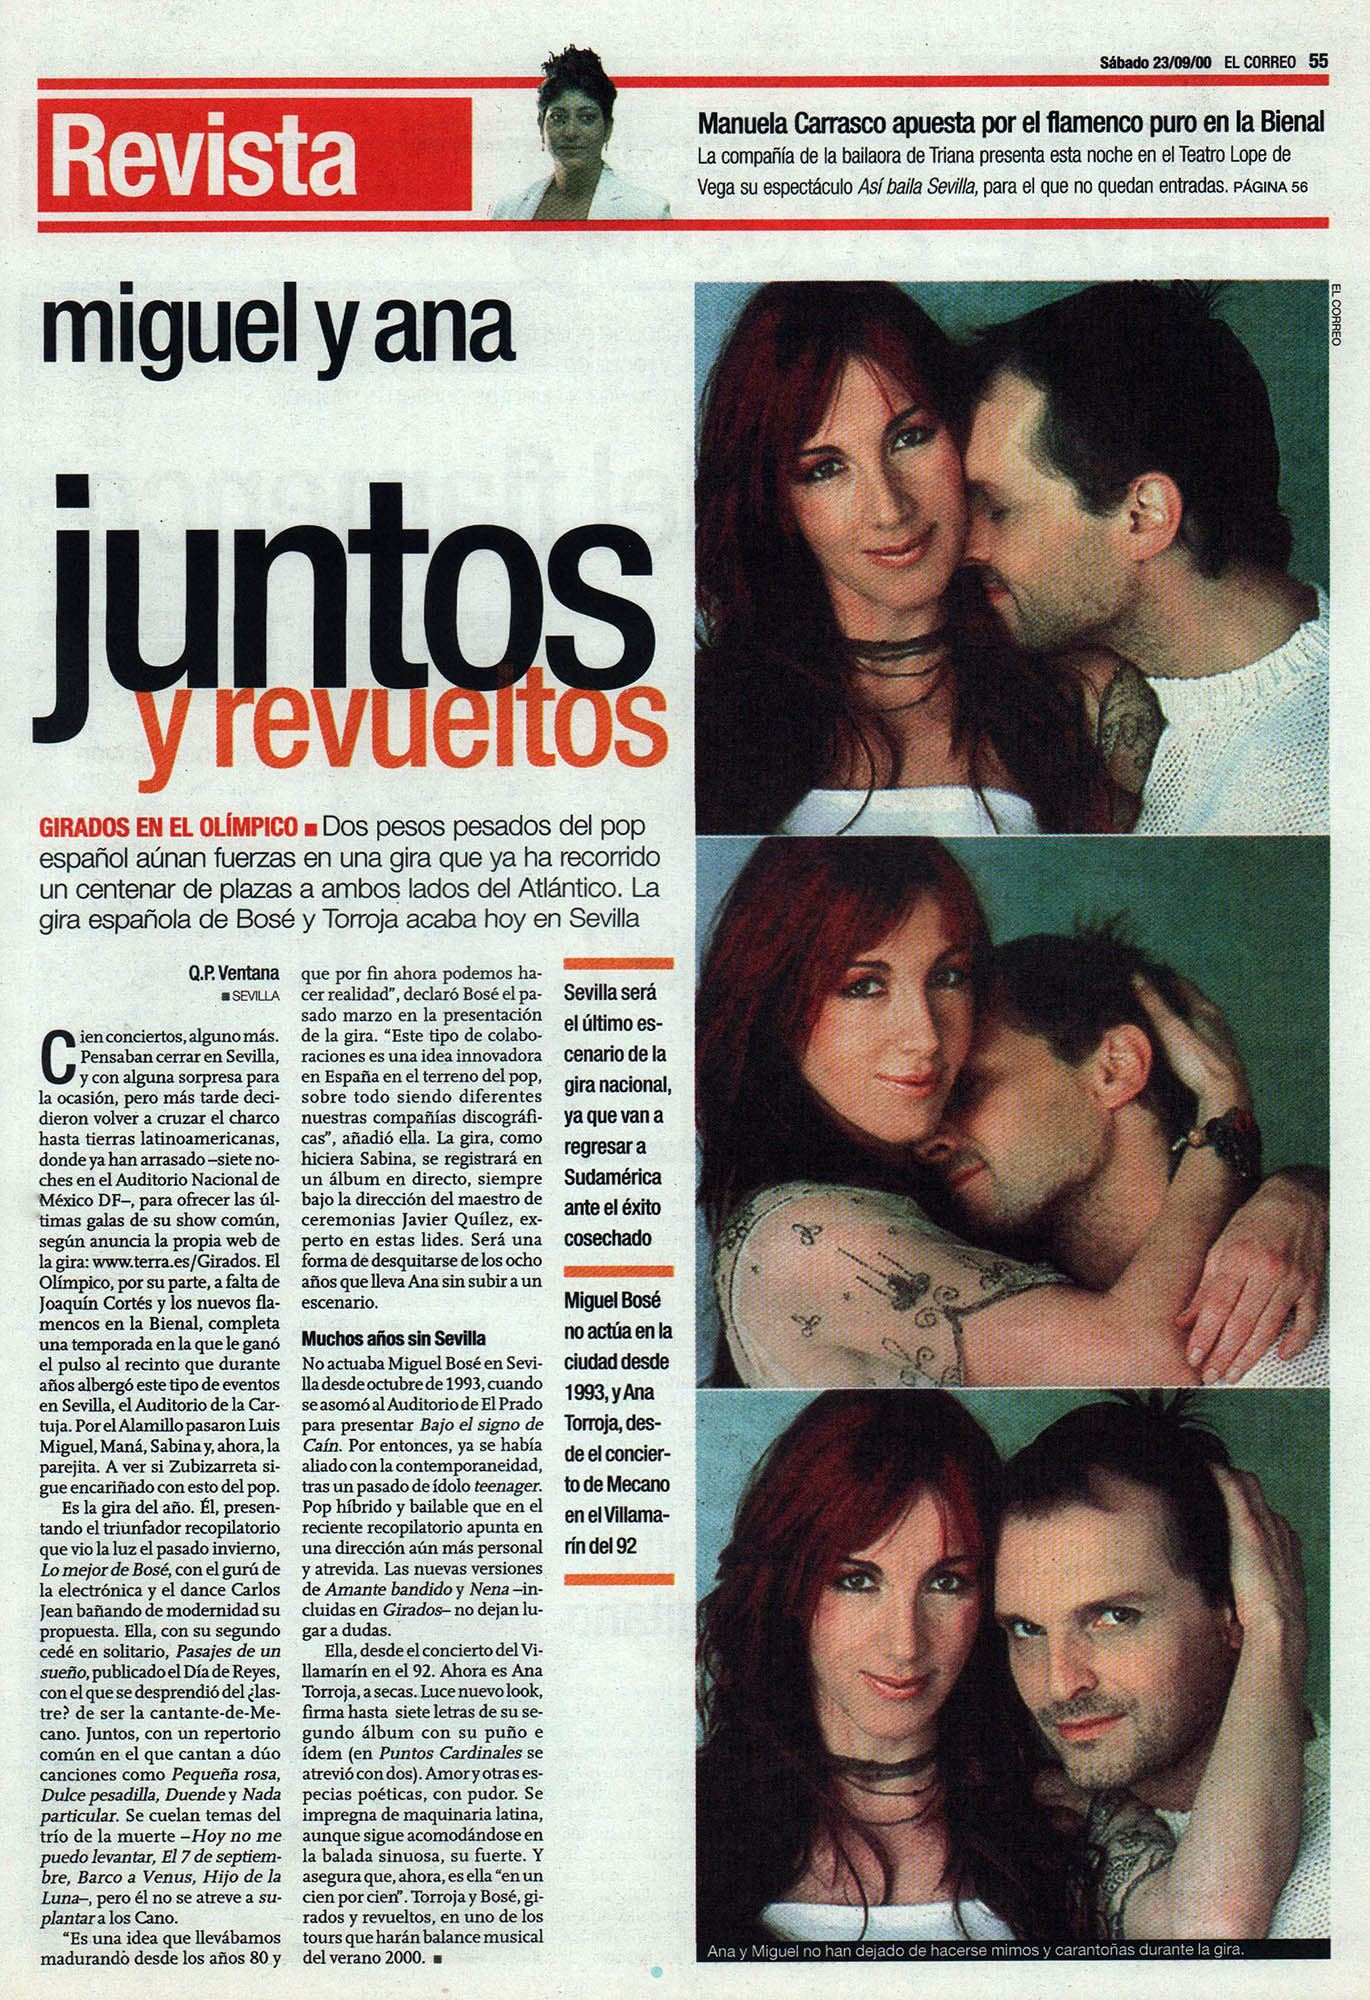 Miguel Bosé y Ana Torroja: juntos y revueltos - Girados | El Correo de Andalucía | 23 sep 2000